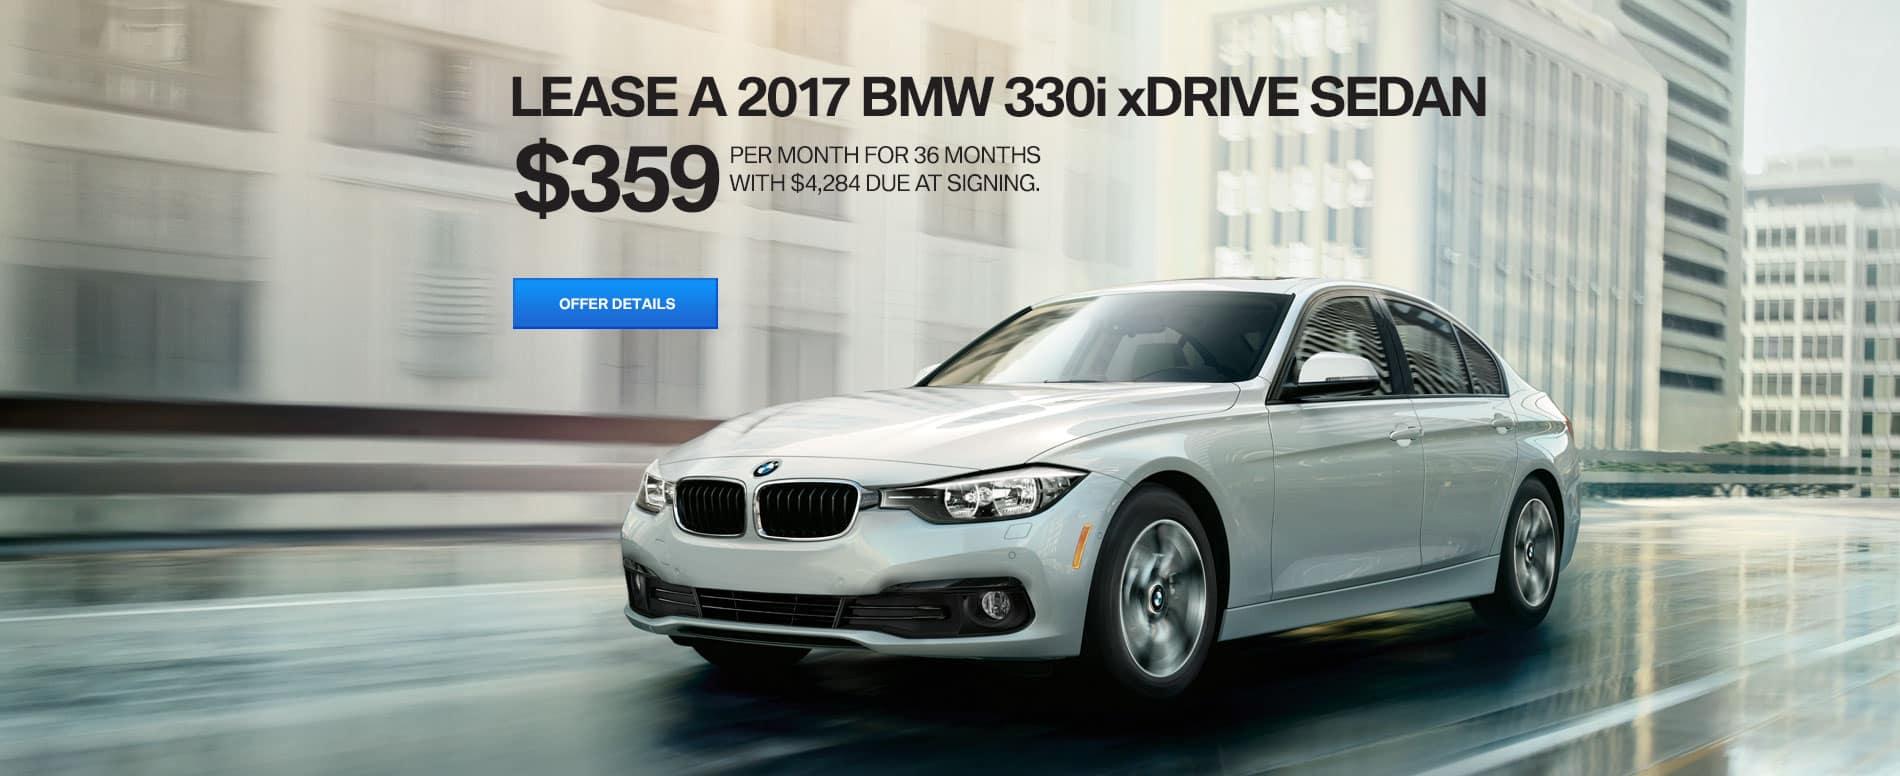 2017_330i_xDrive_Sedan_$359_REGIONAL-LEASE